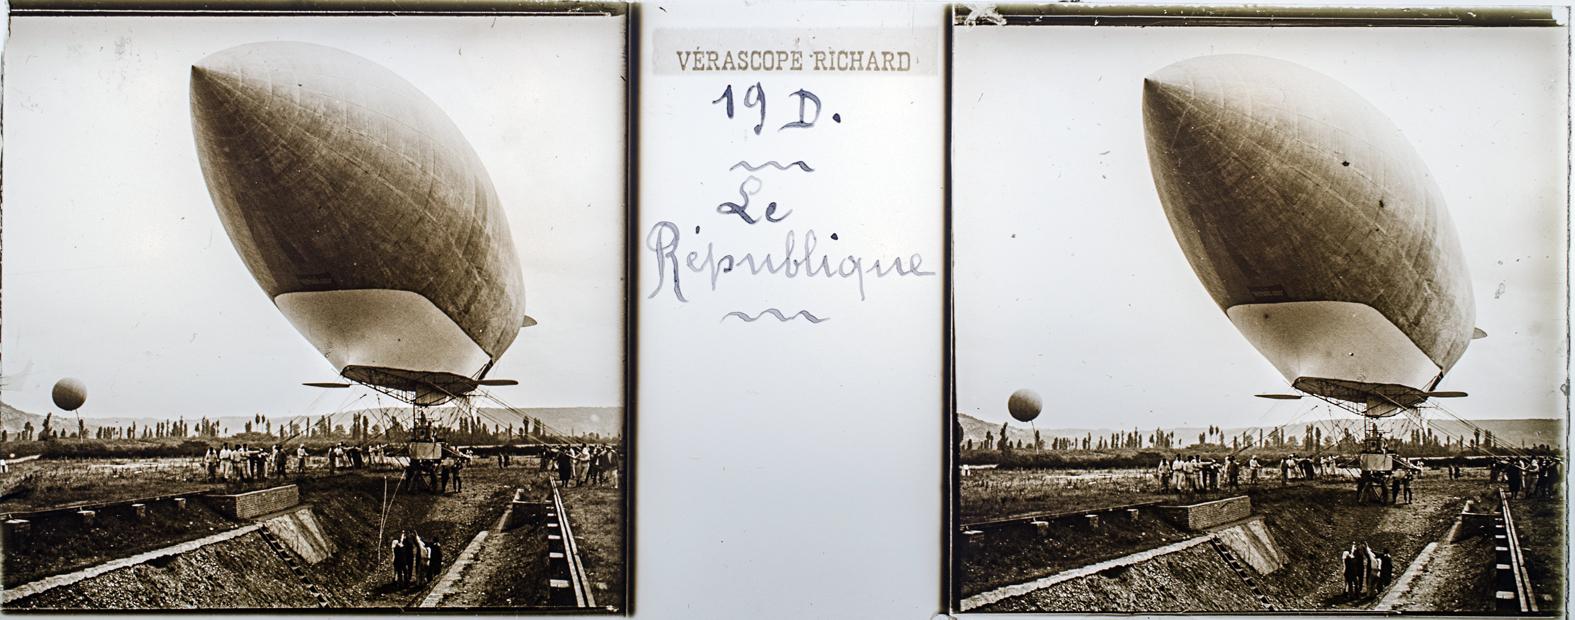 El dirigible République. Verascope Richard, hacia 1910. © Herederos F. Avial.